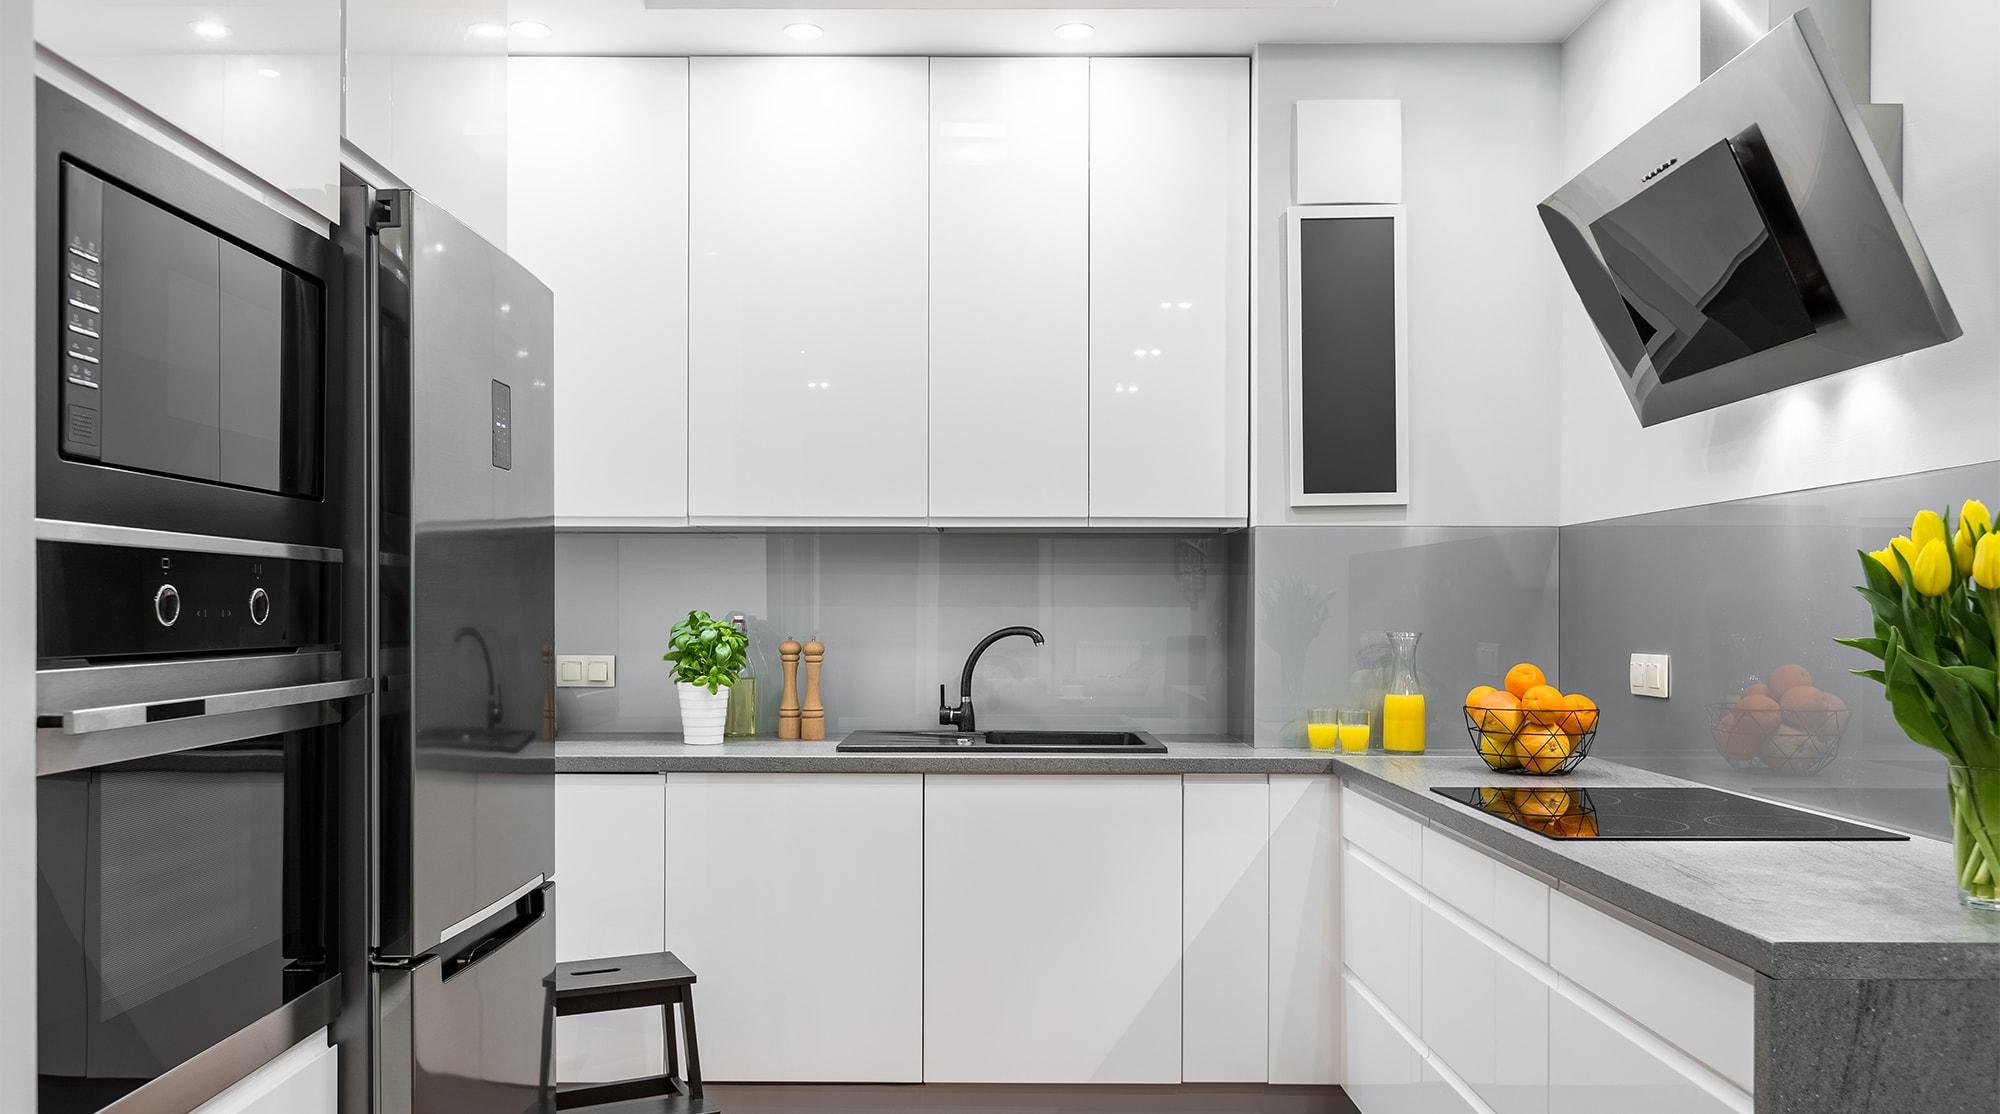 Group1 archivos muebles de cocina y ba o online en for Muebles cocina online